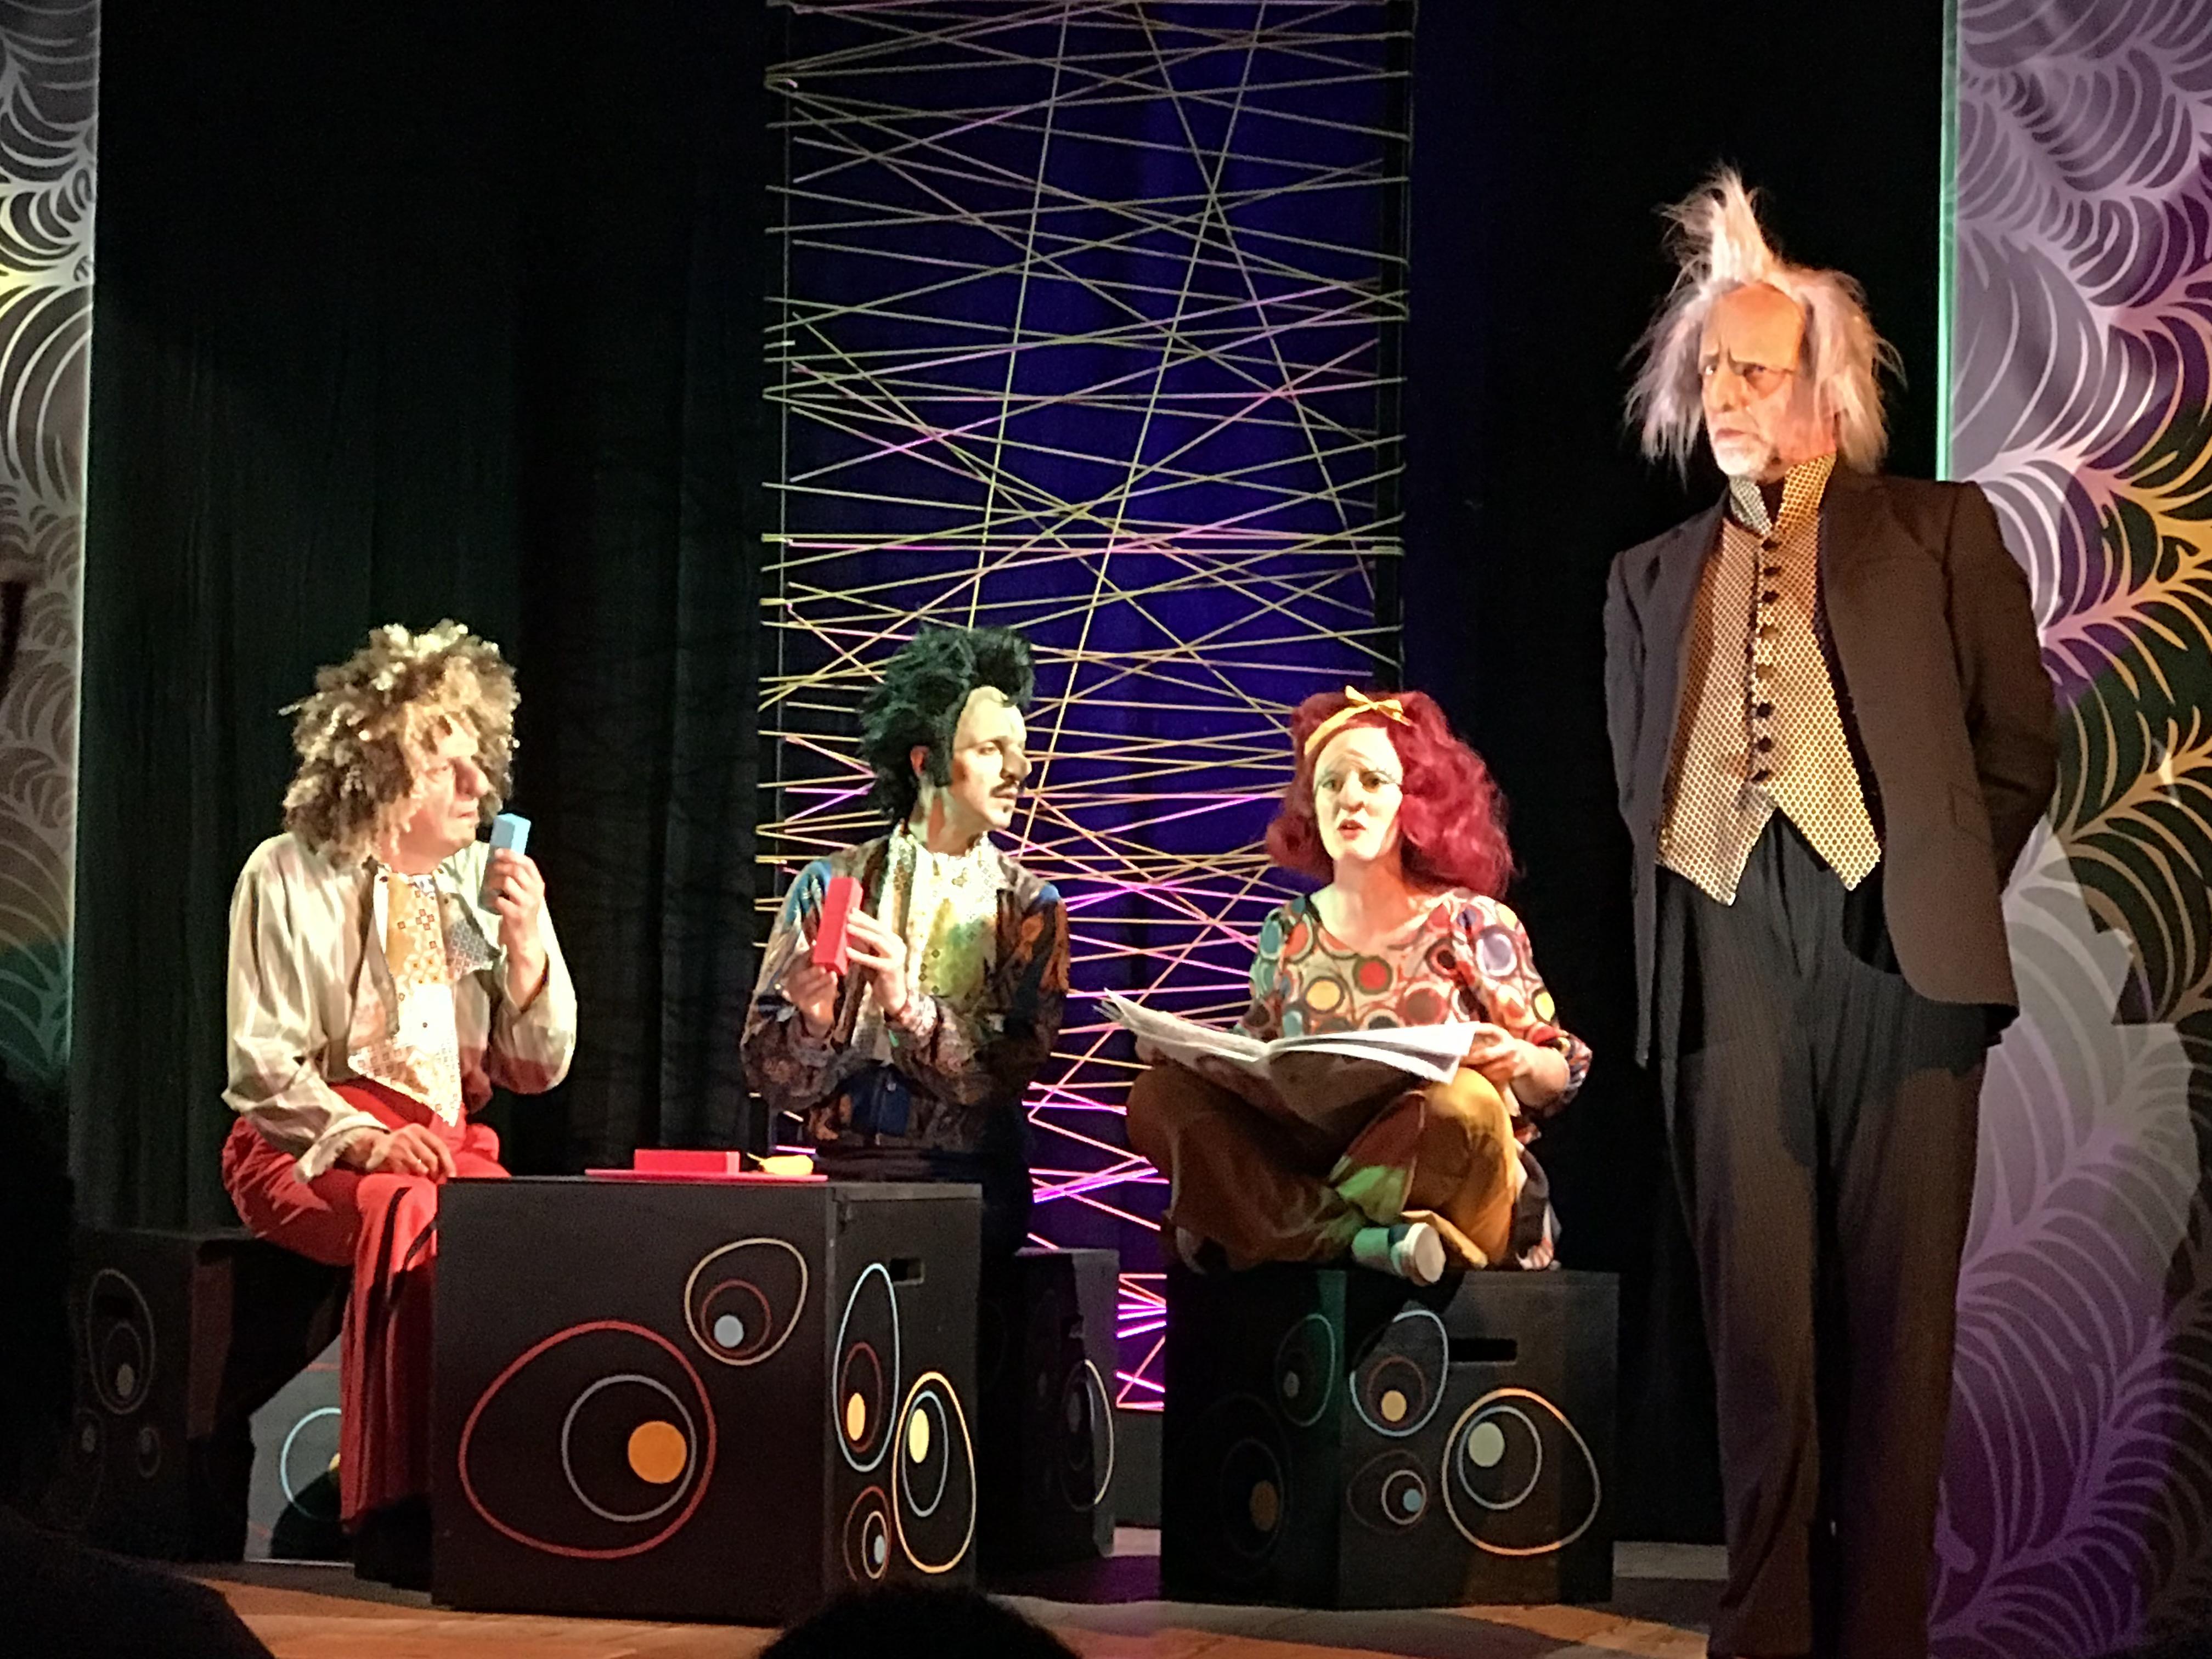 Teatroimmagine Venezia - OperaXXX